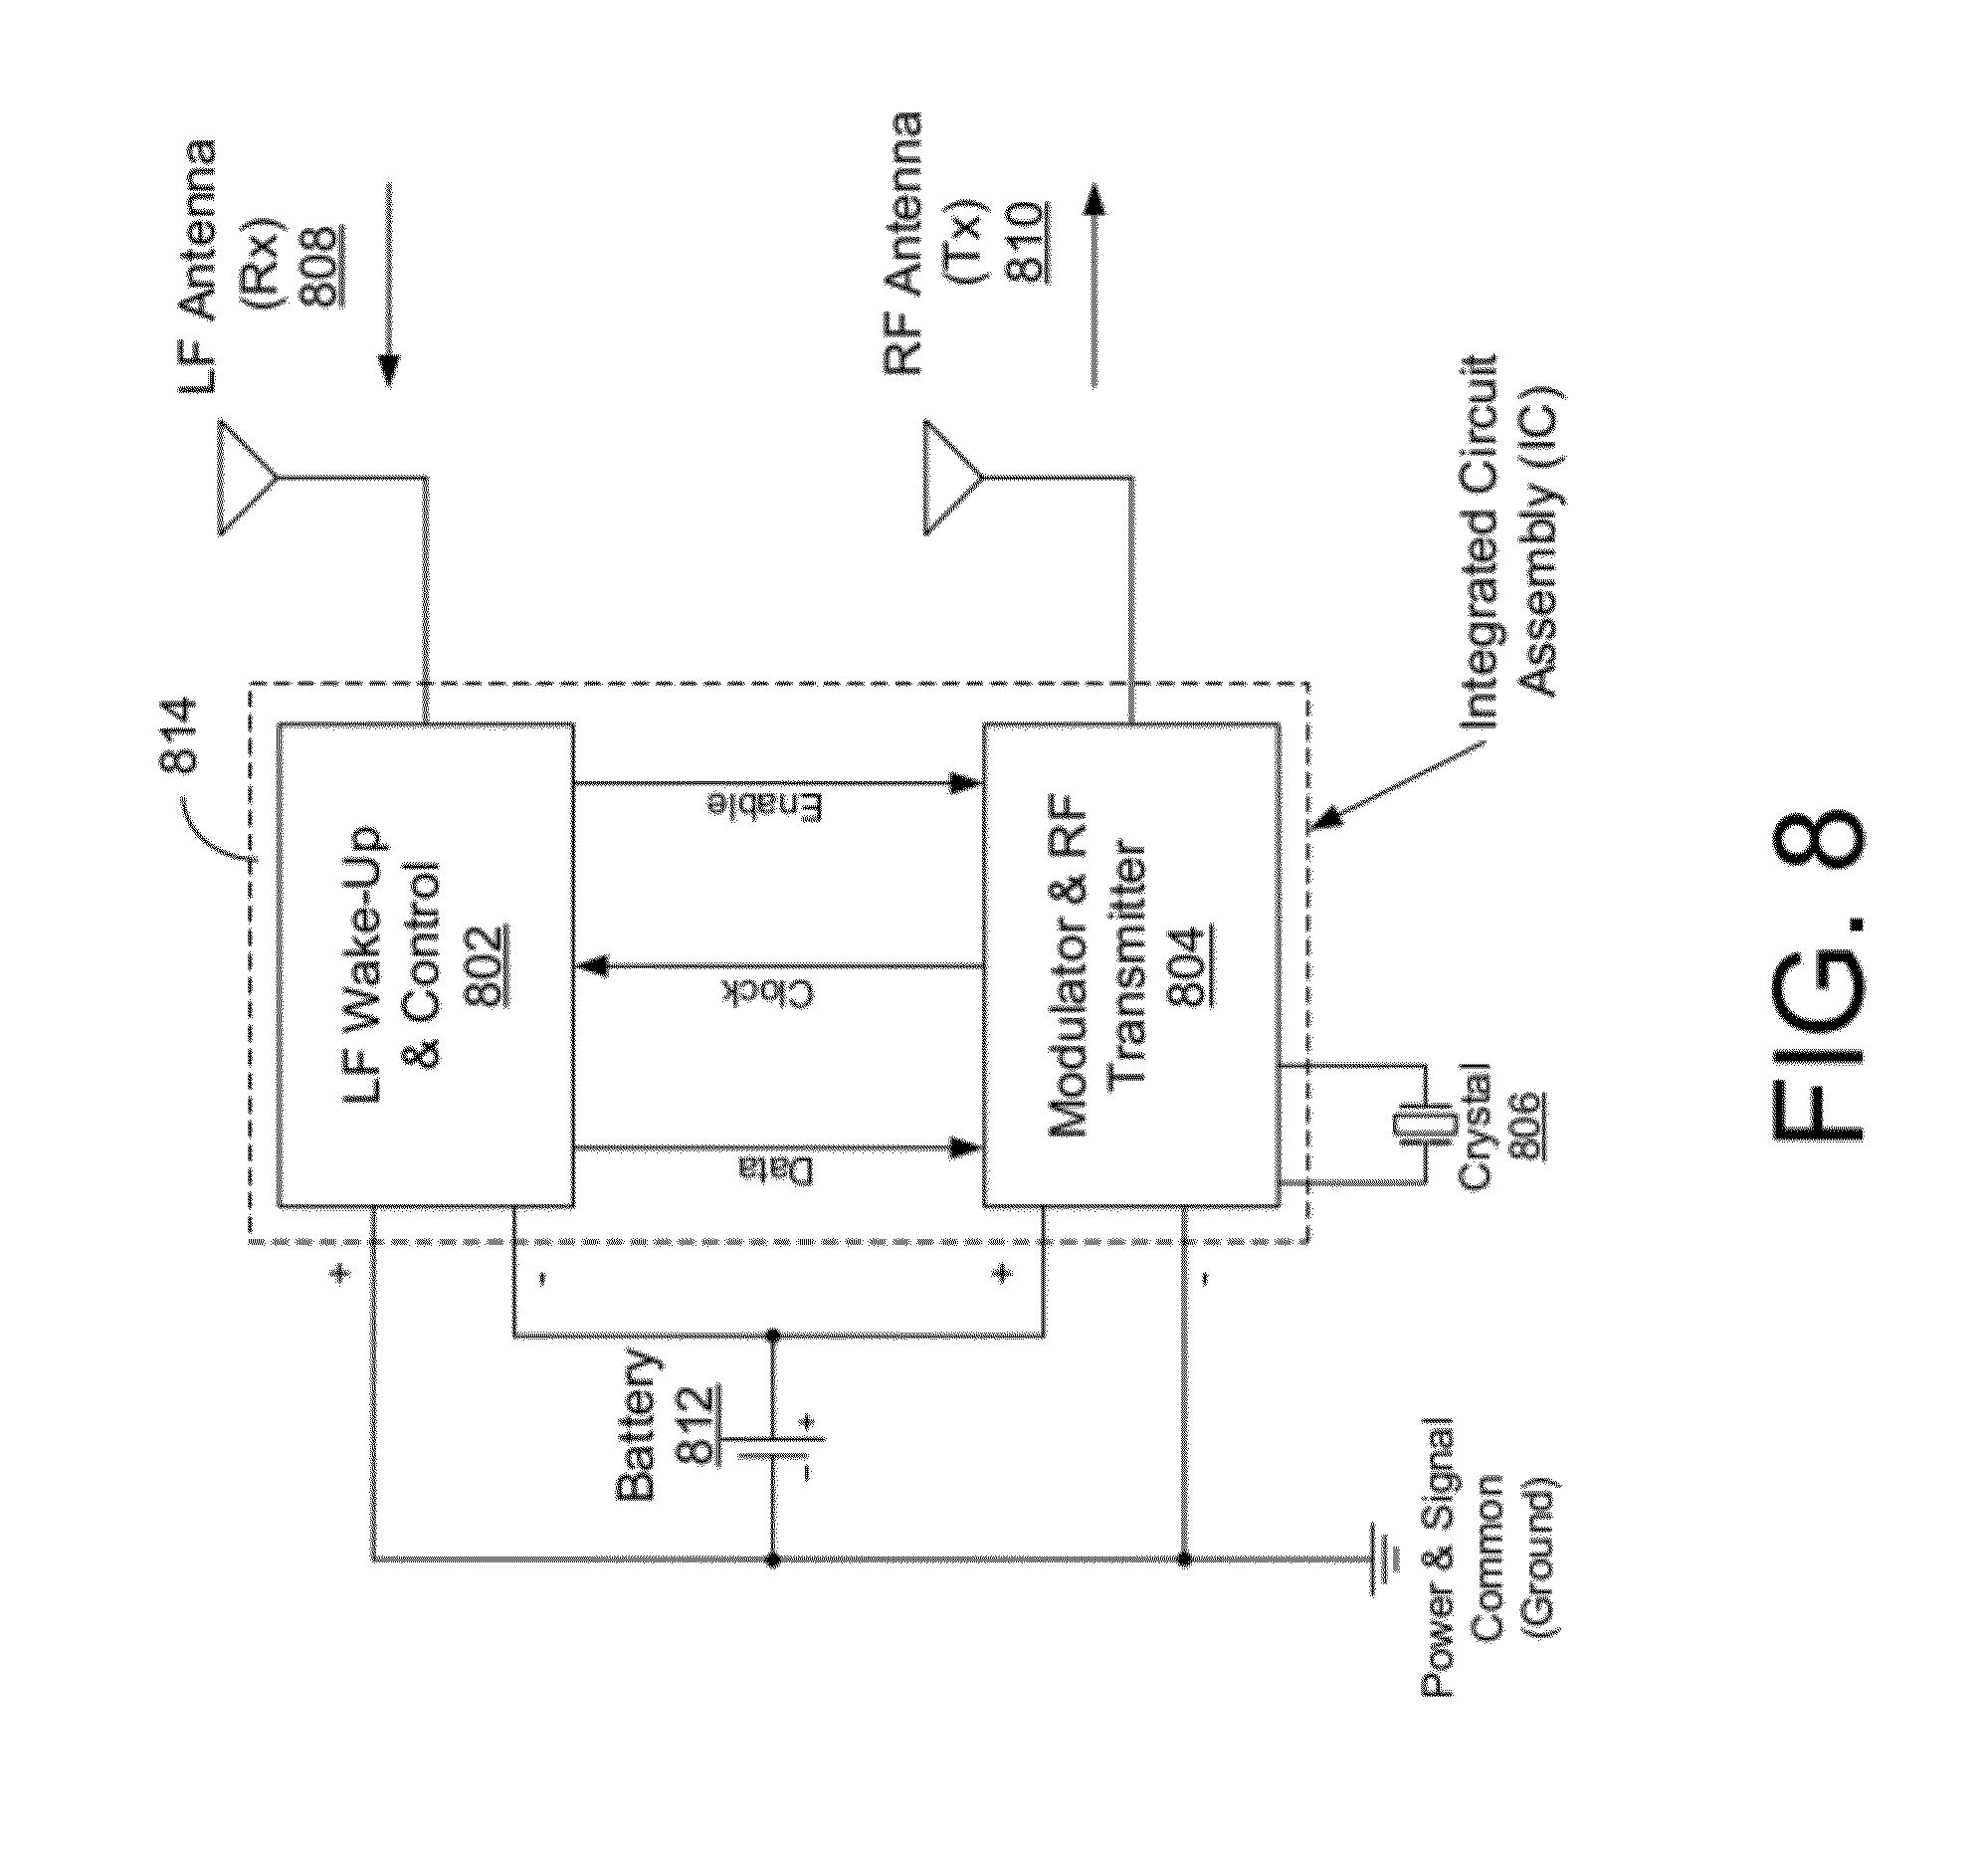 patent us20120312879